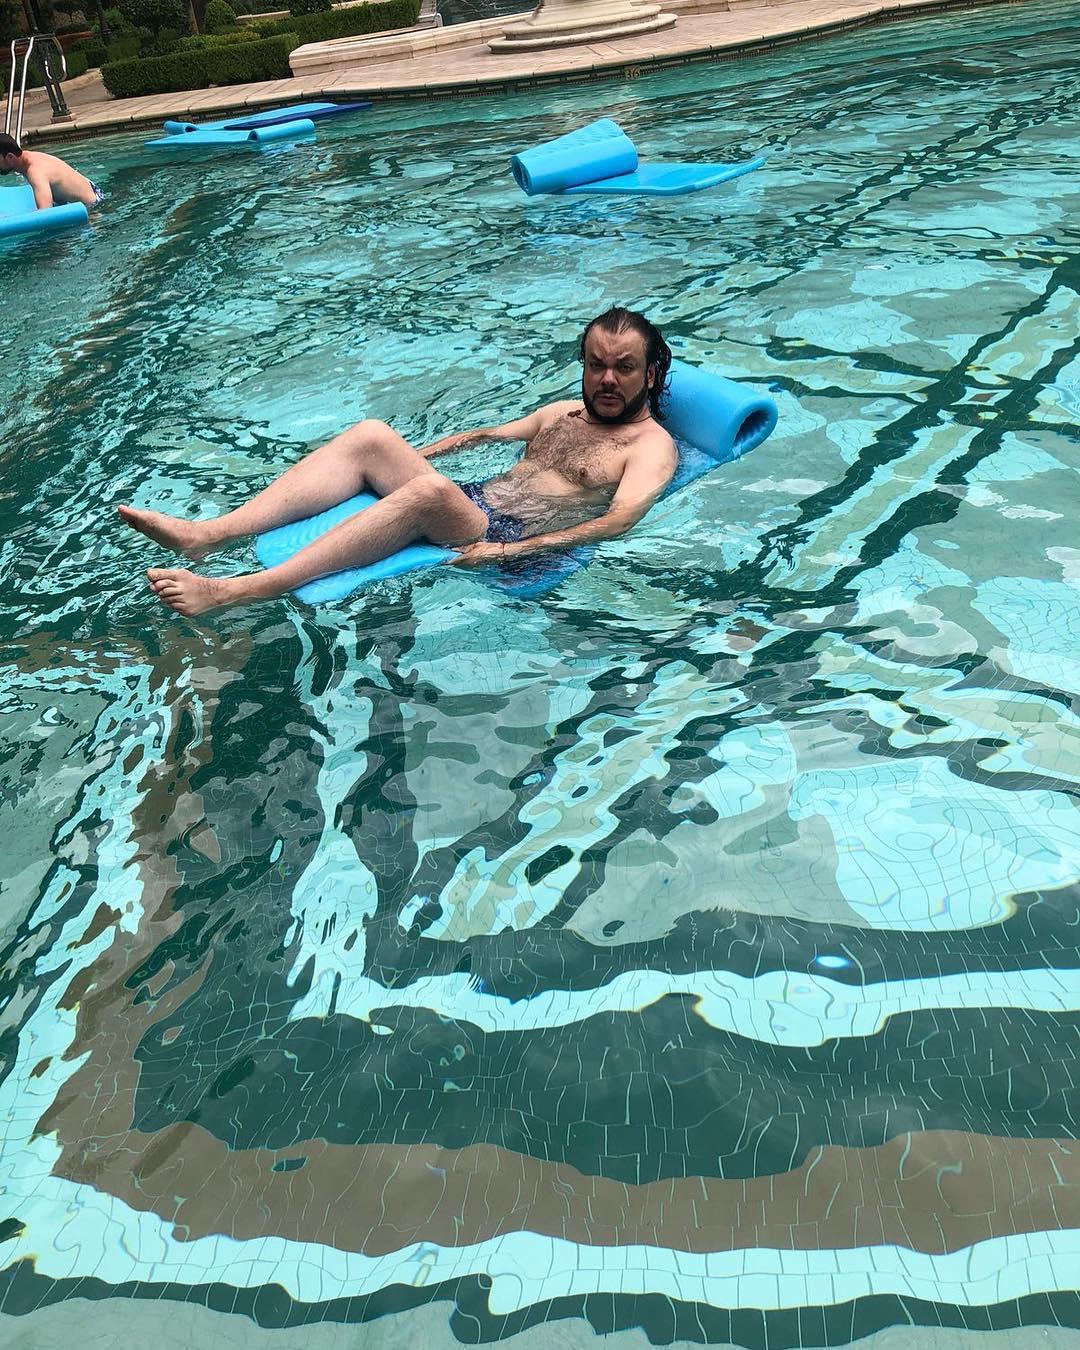 Филипп Киркоров позировал в бассейне